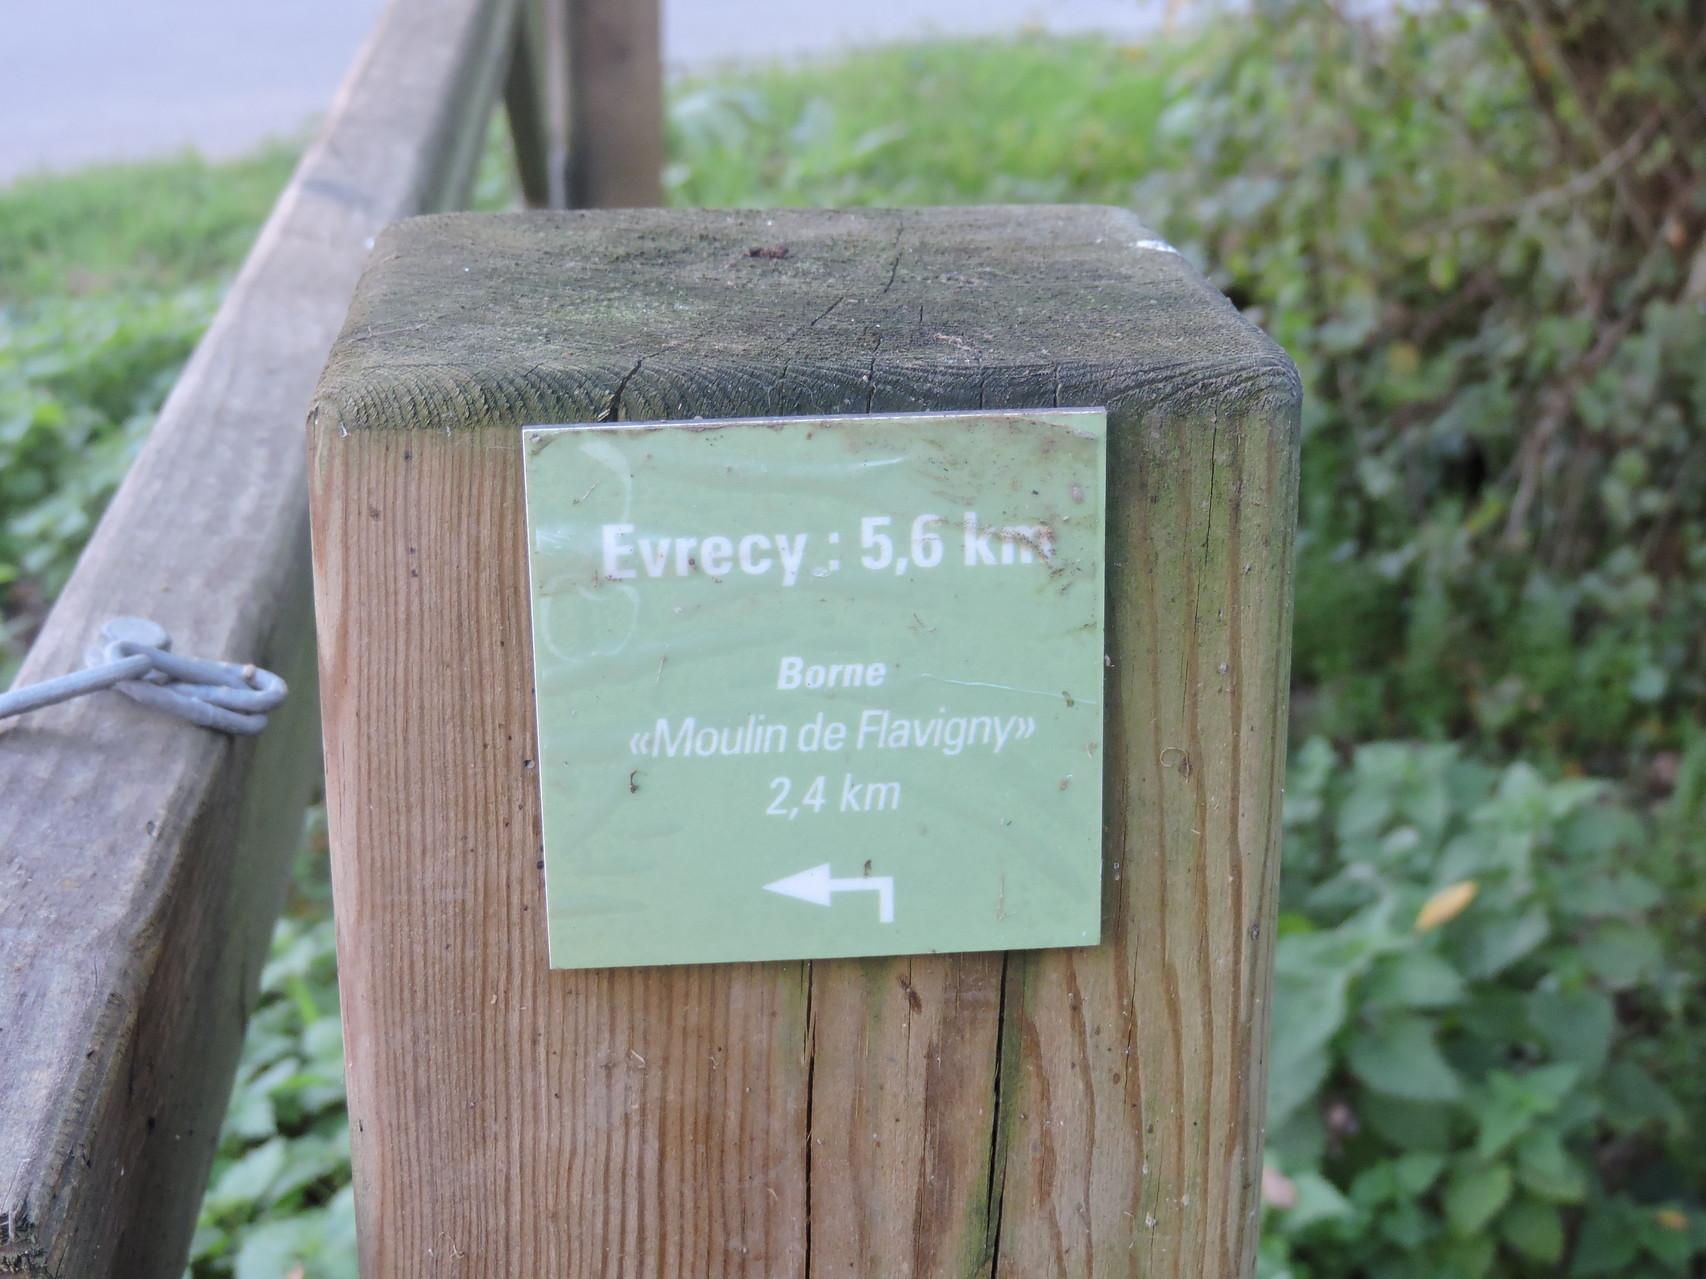 Accès vers Evrecy et Flavigny